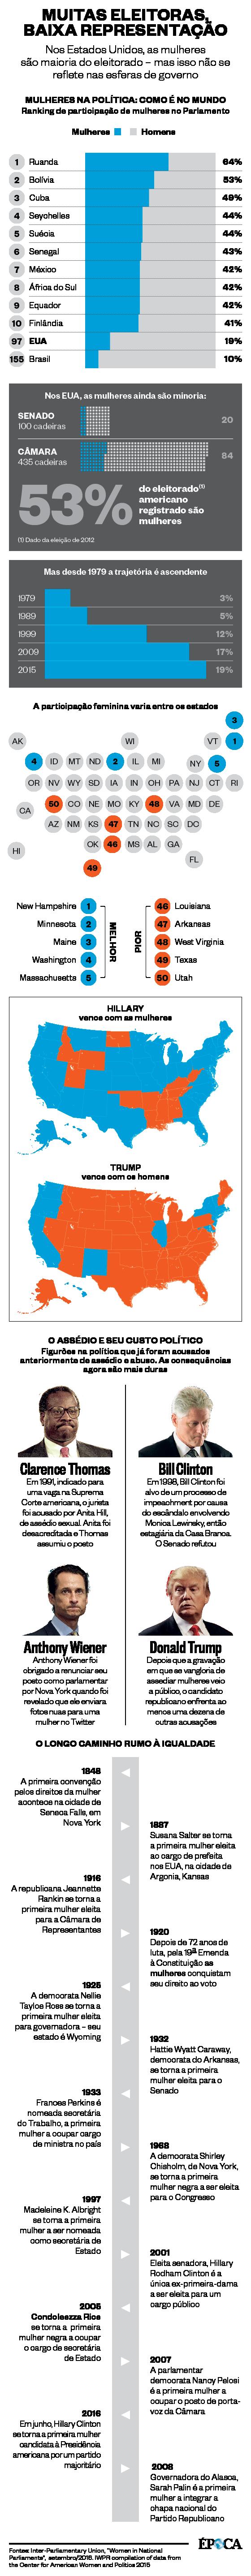 Elas vão decidir a eleição americana